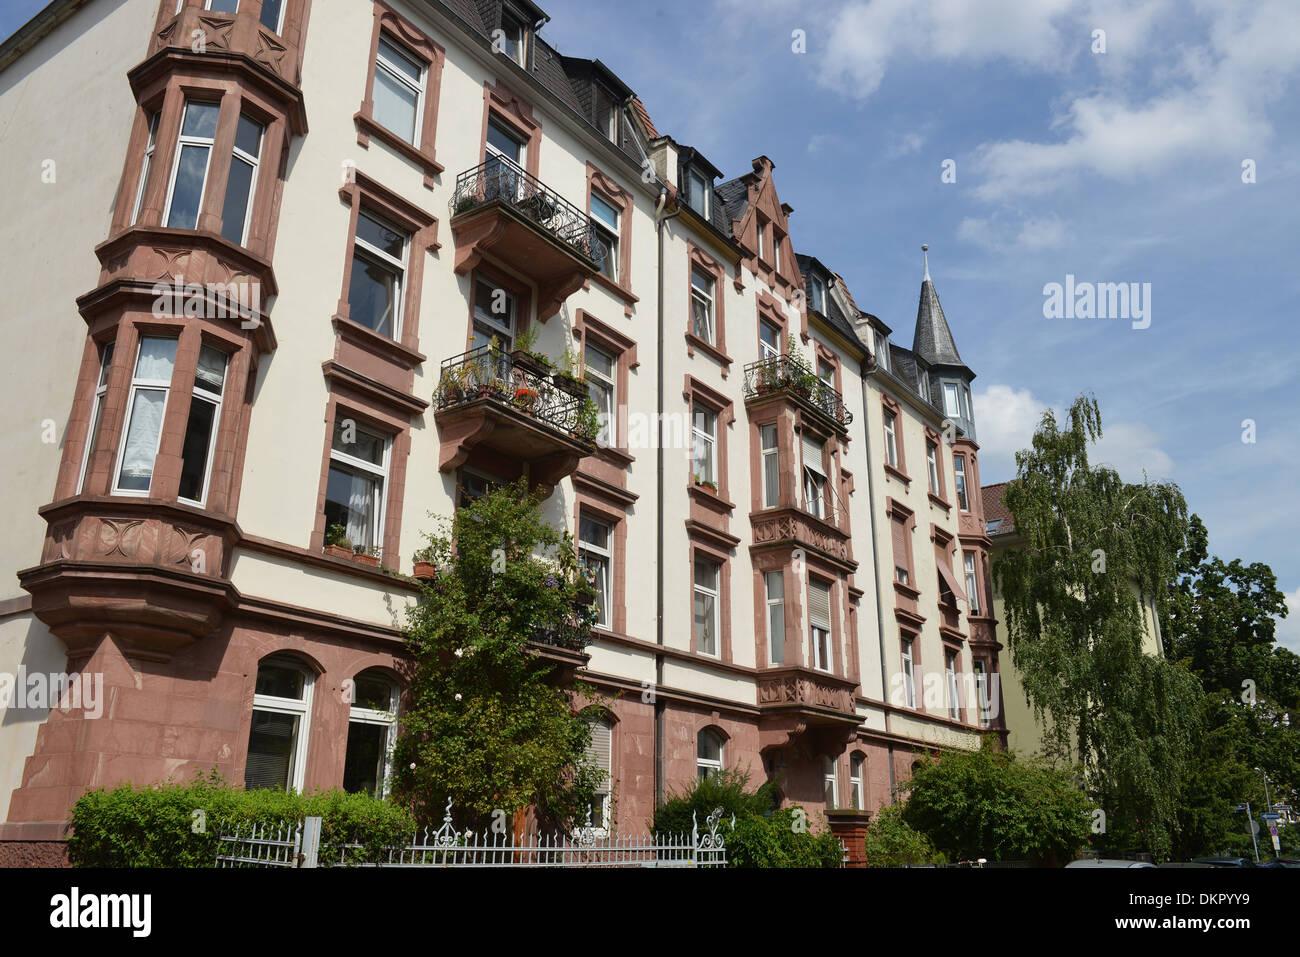 Altbau Danneckerstrasse Sachsenhausen Frankfurt Am Main